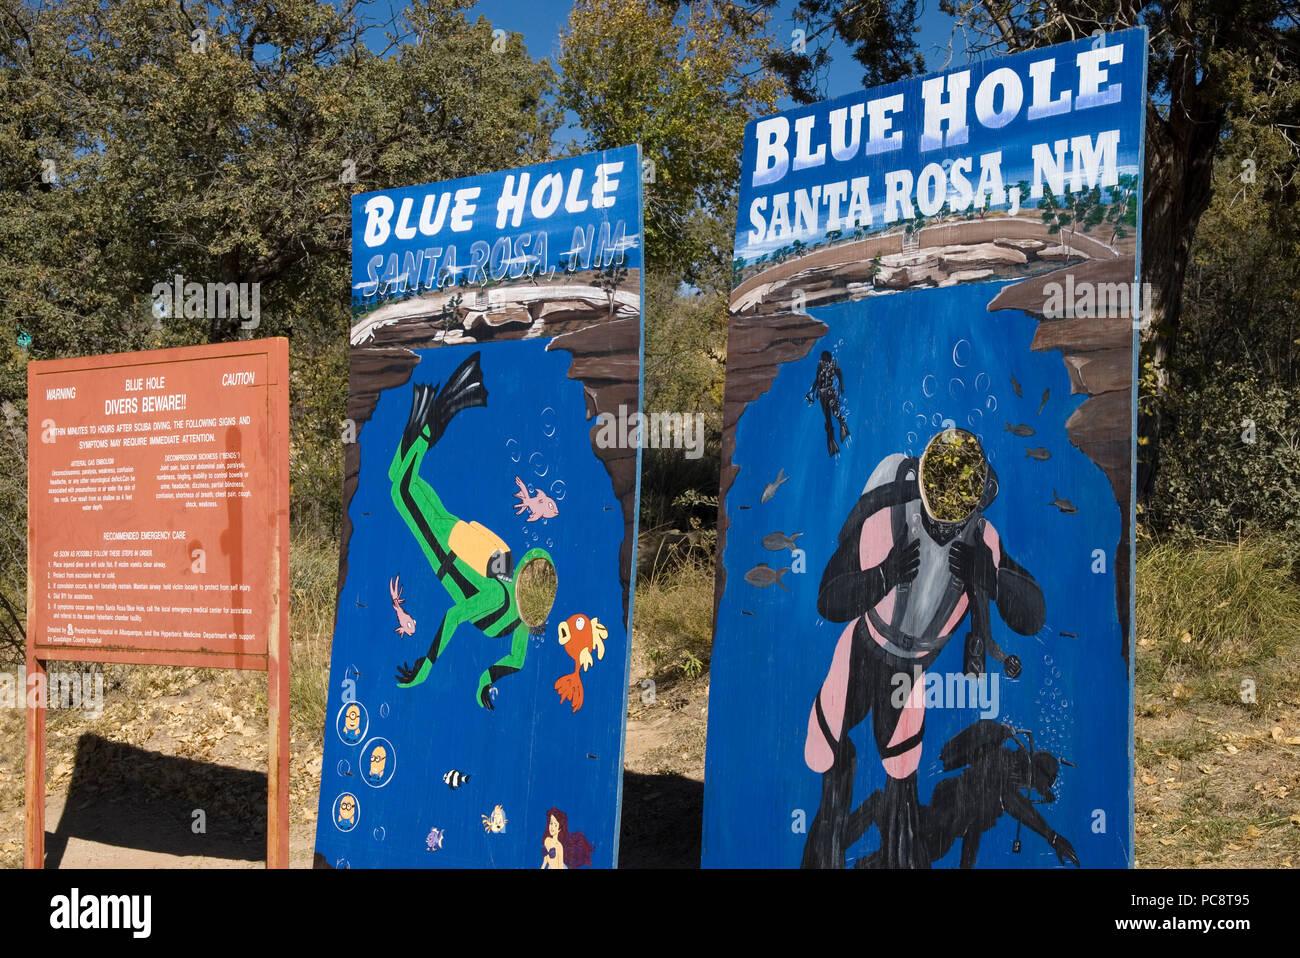 Blue Hole signs at Santa Rosa New Mexico USA - Stock Image